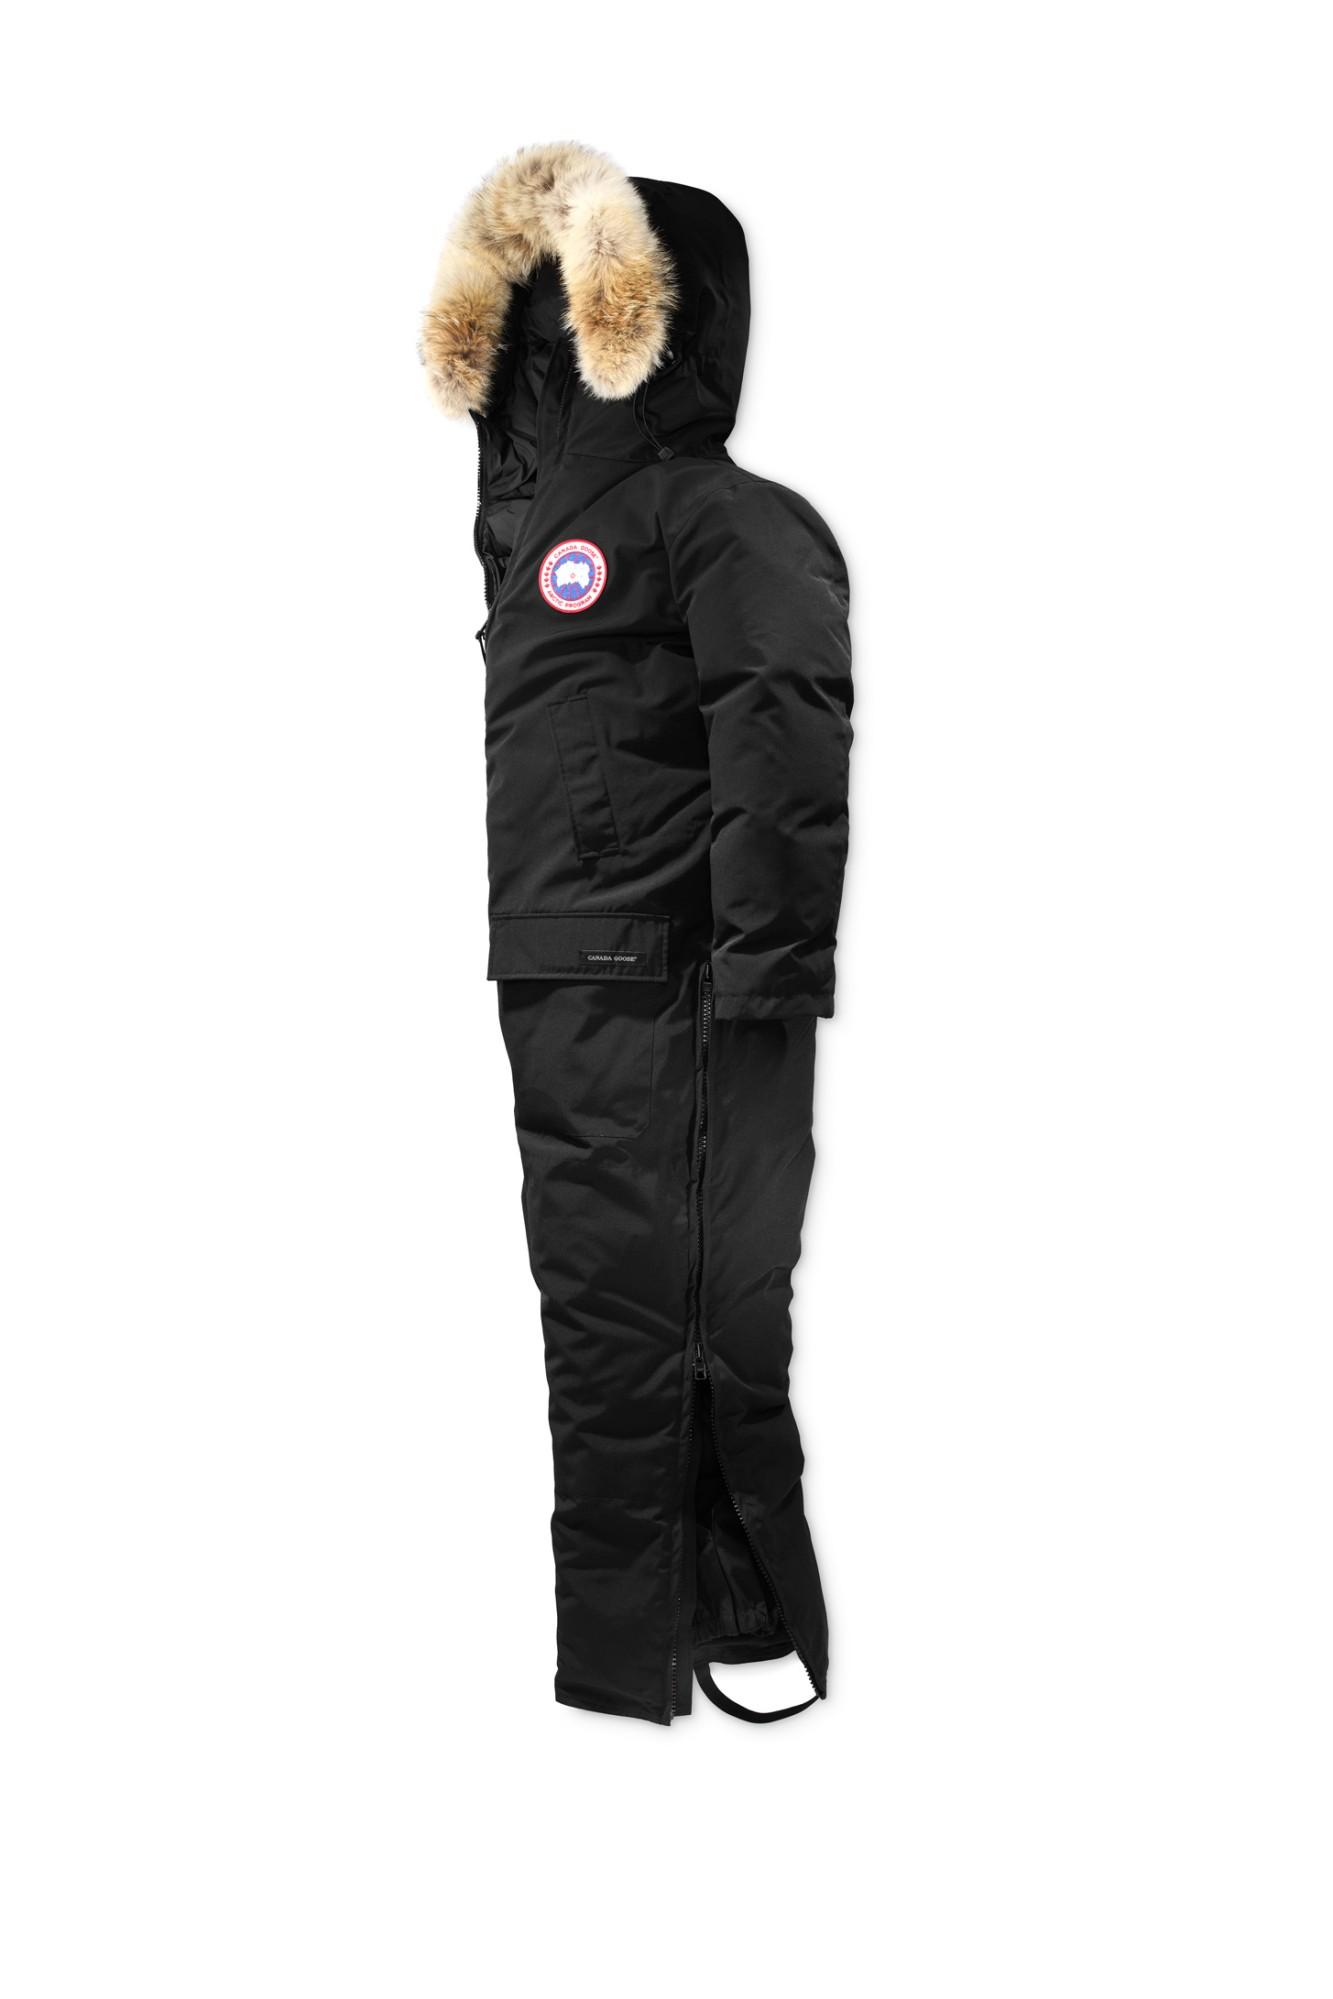 Mono de esquí de Canada Goose./Foto: Cortesía de la marca.